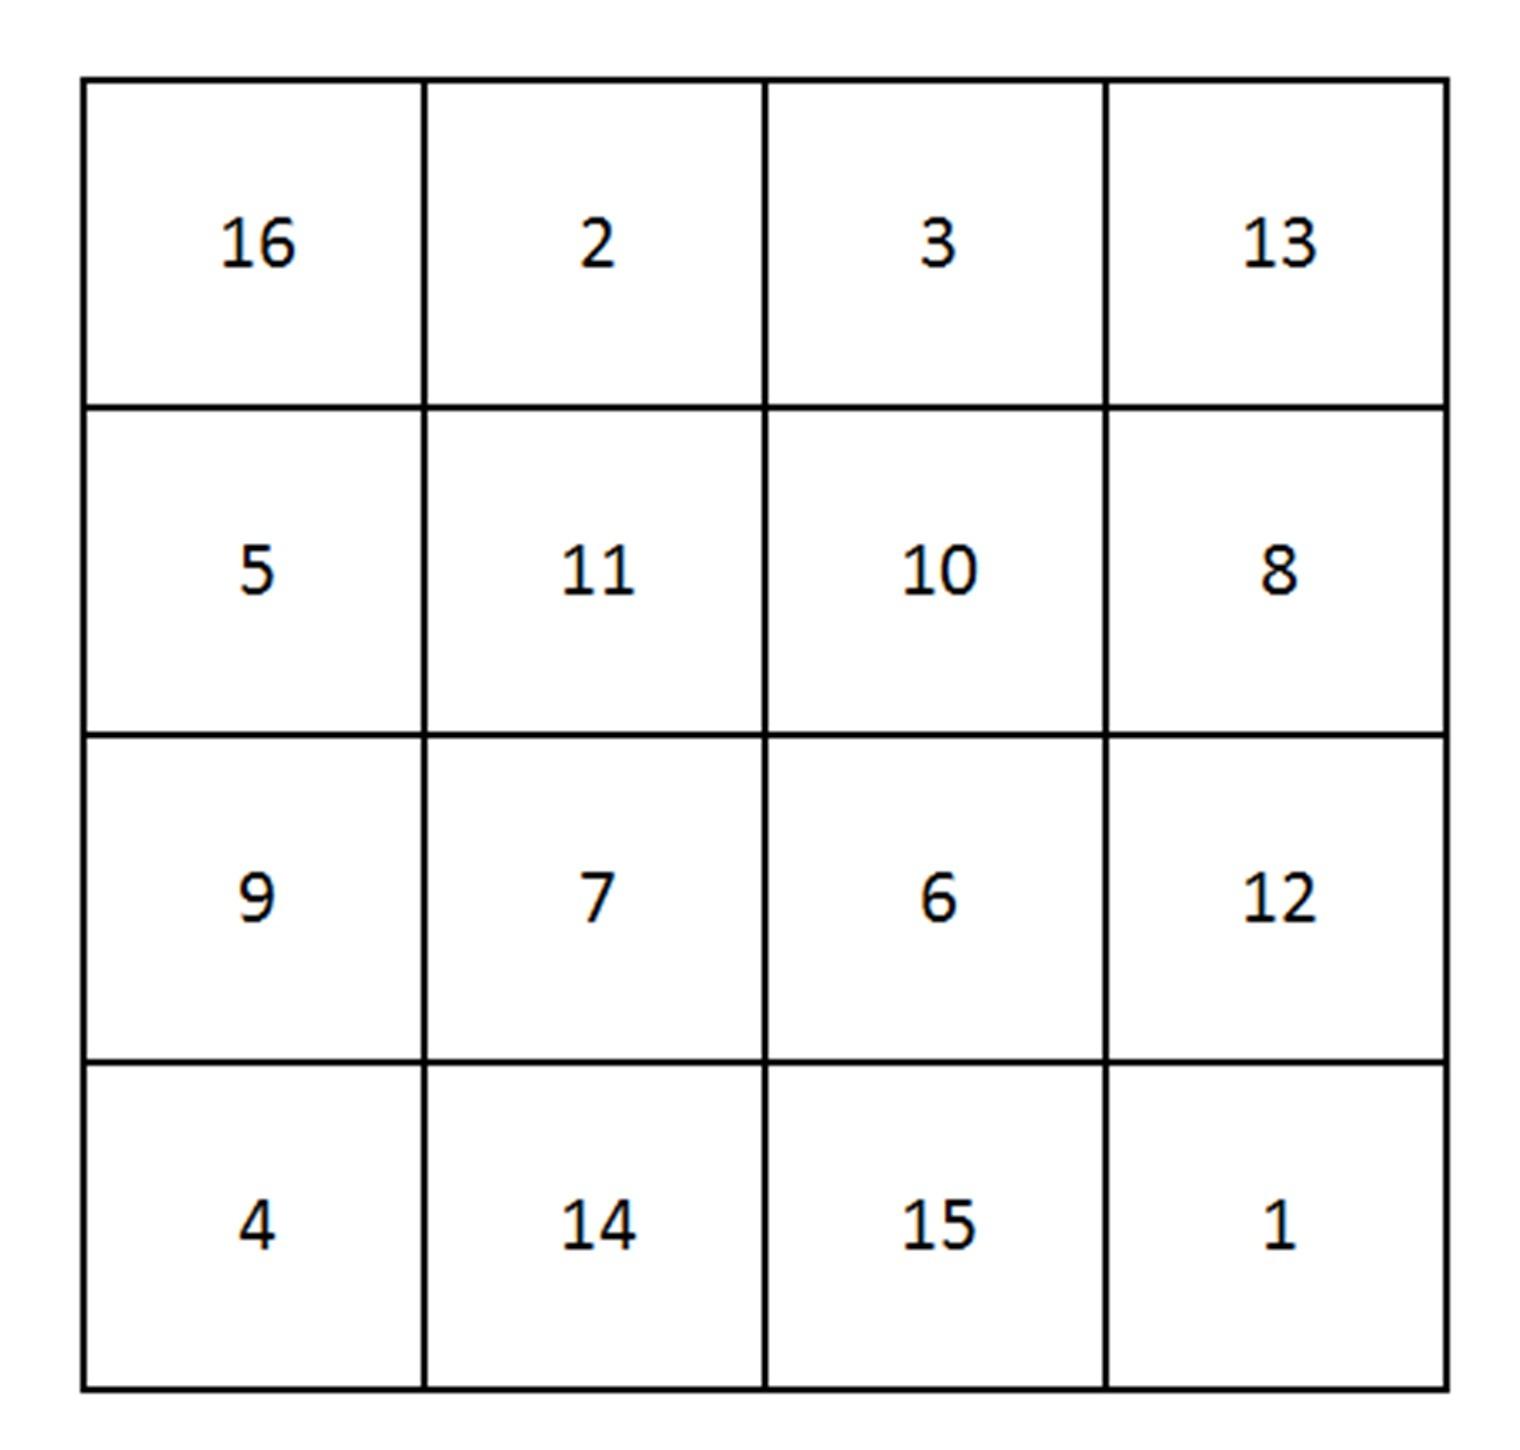 Constructing Magic Square 4